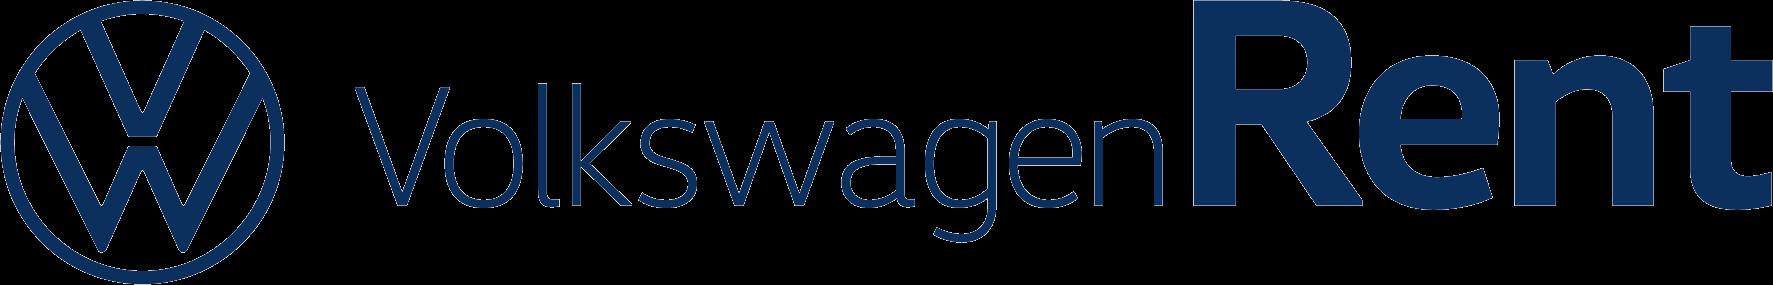 VolkswagenRent